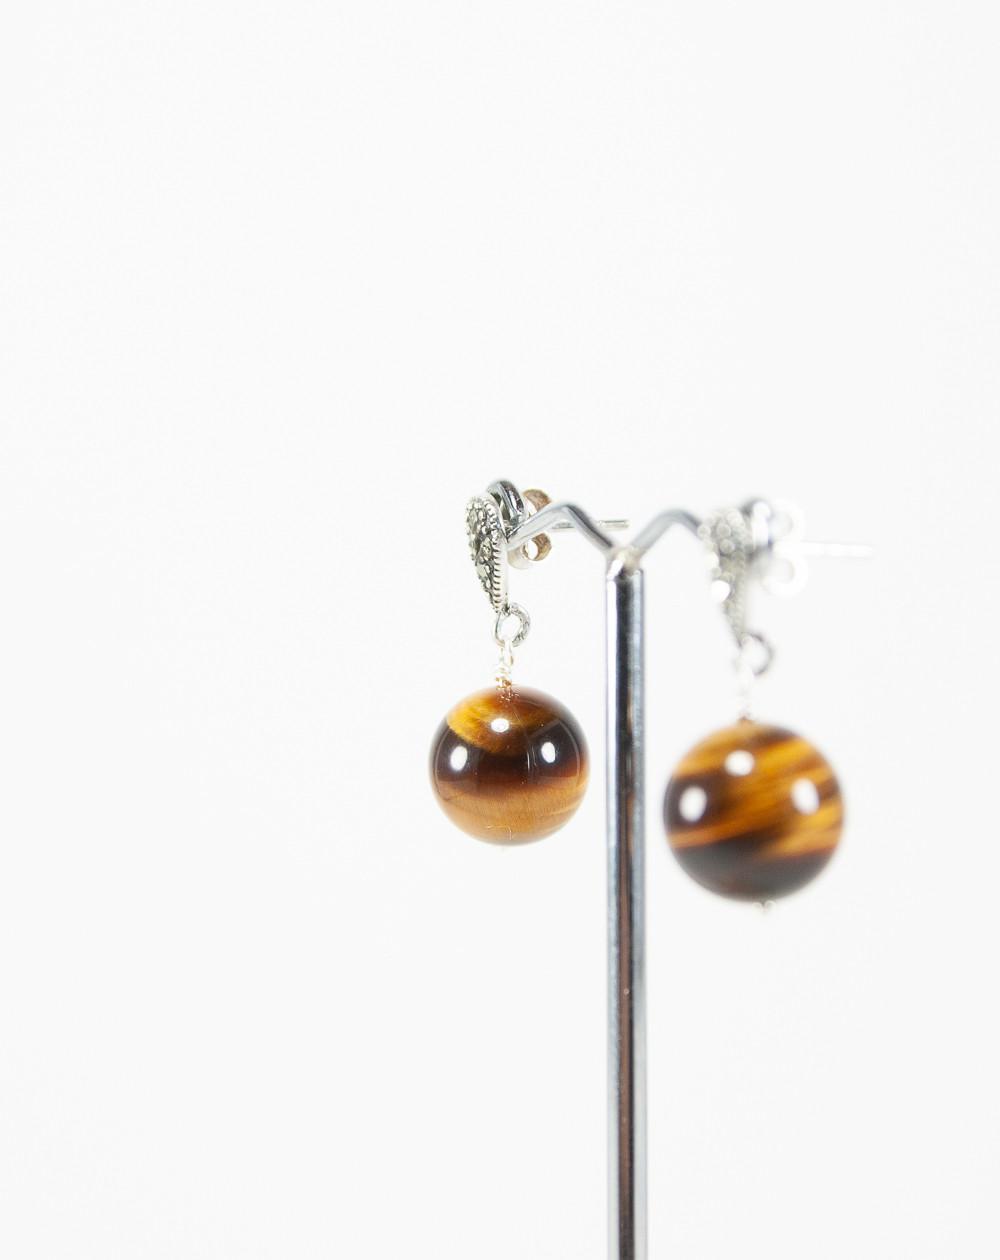 Boucles d'oreilles Oeil de Tigre, Marcassites, Sanuk Création